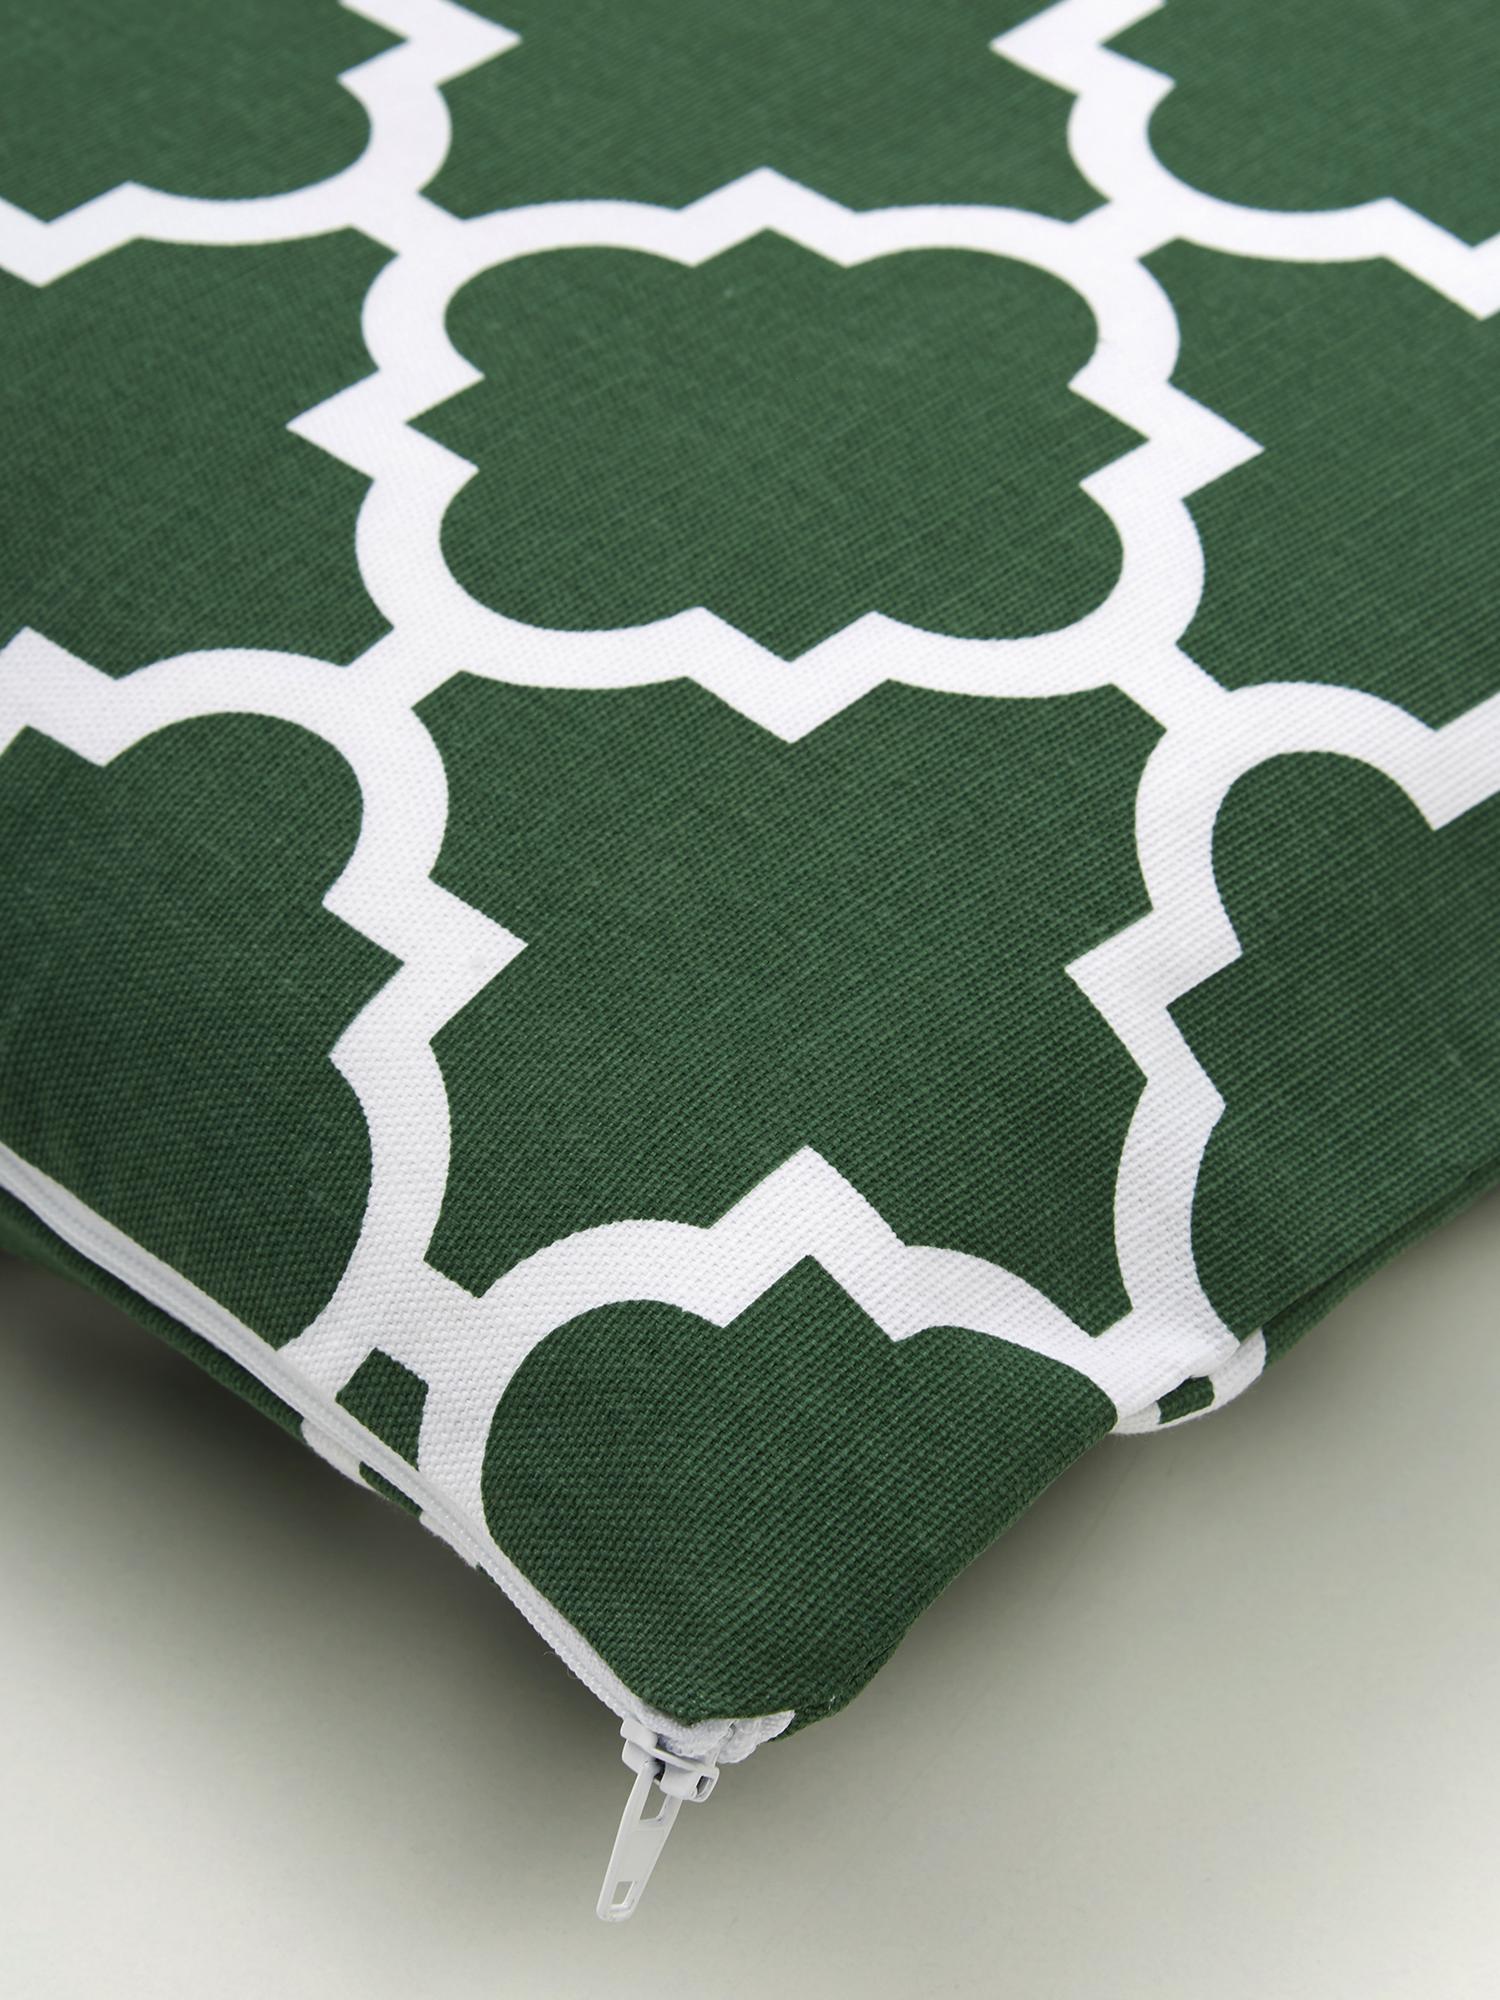 Kissenhülle Lana mit grafischem Muster, 100% Baumwolle, Dunkelgrün, Weiß, 45 x 45 cm